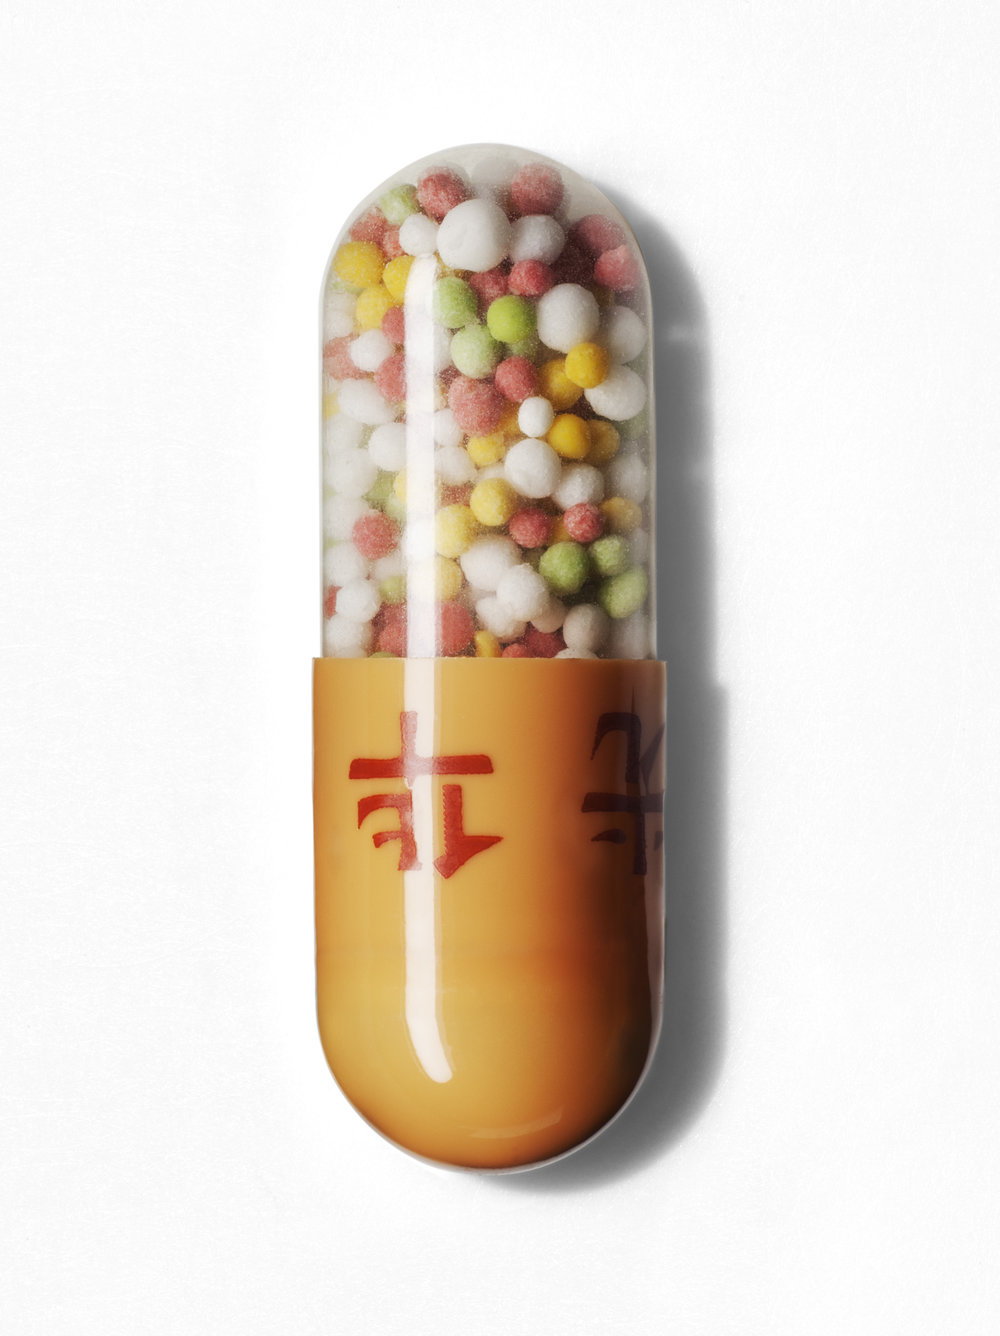 150430_Chinese Pills_053-58_A_crop.JPG